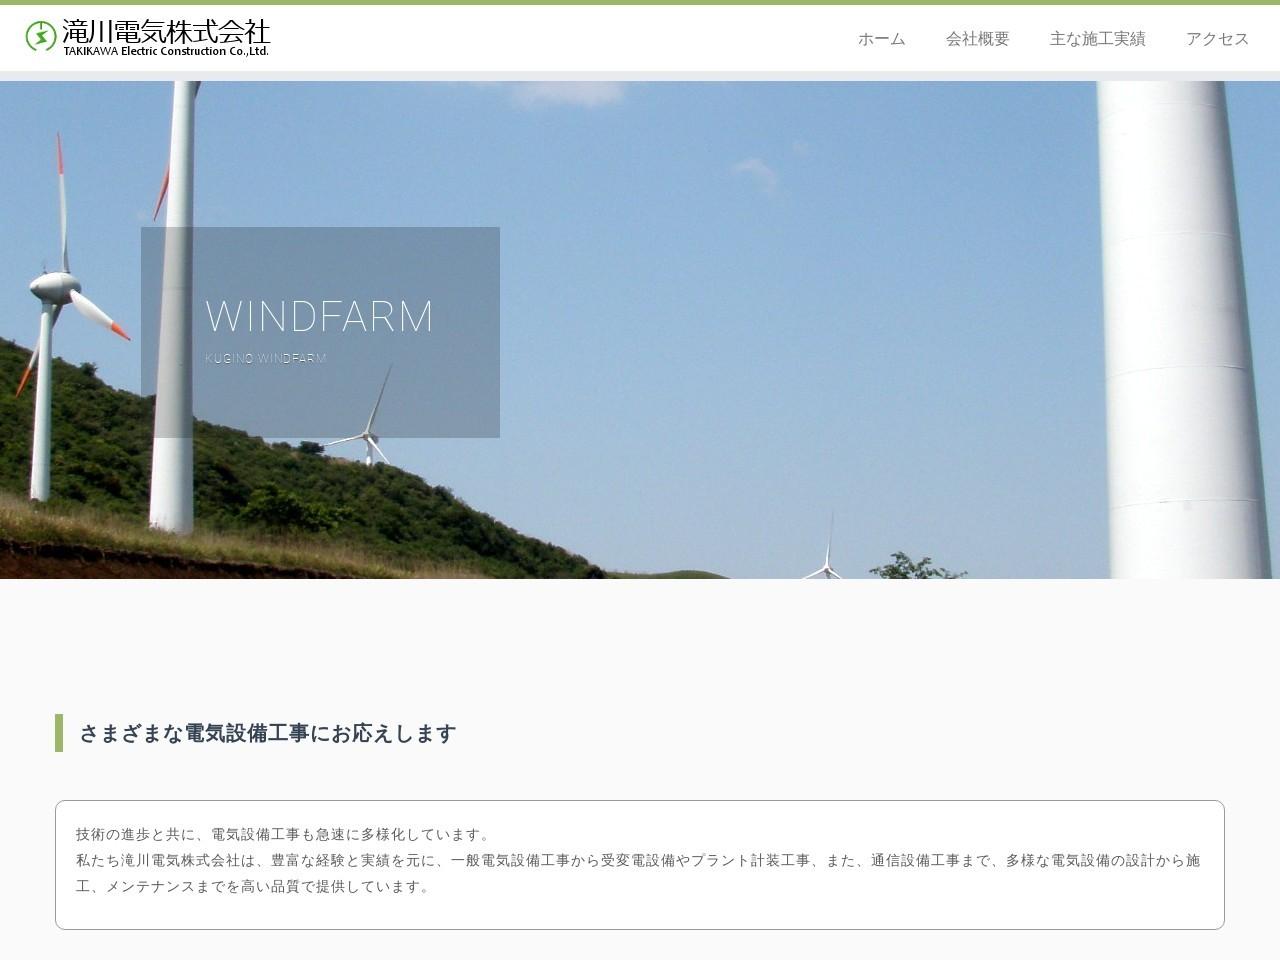 滝川電気株式会社